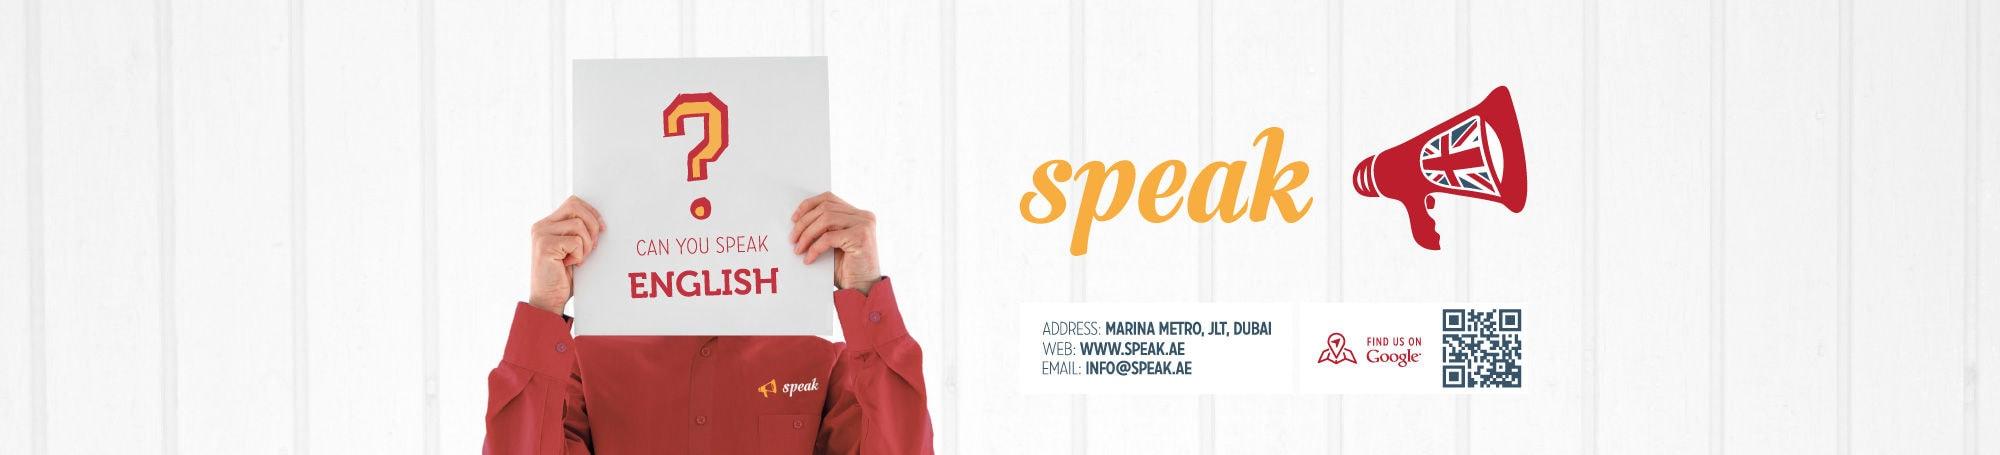 speak_signage